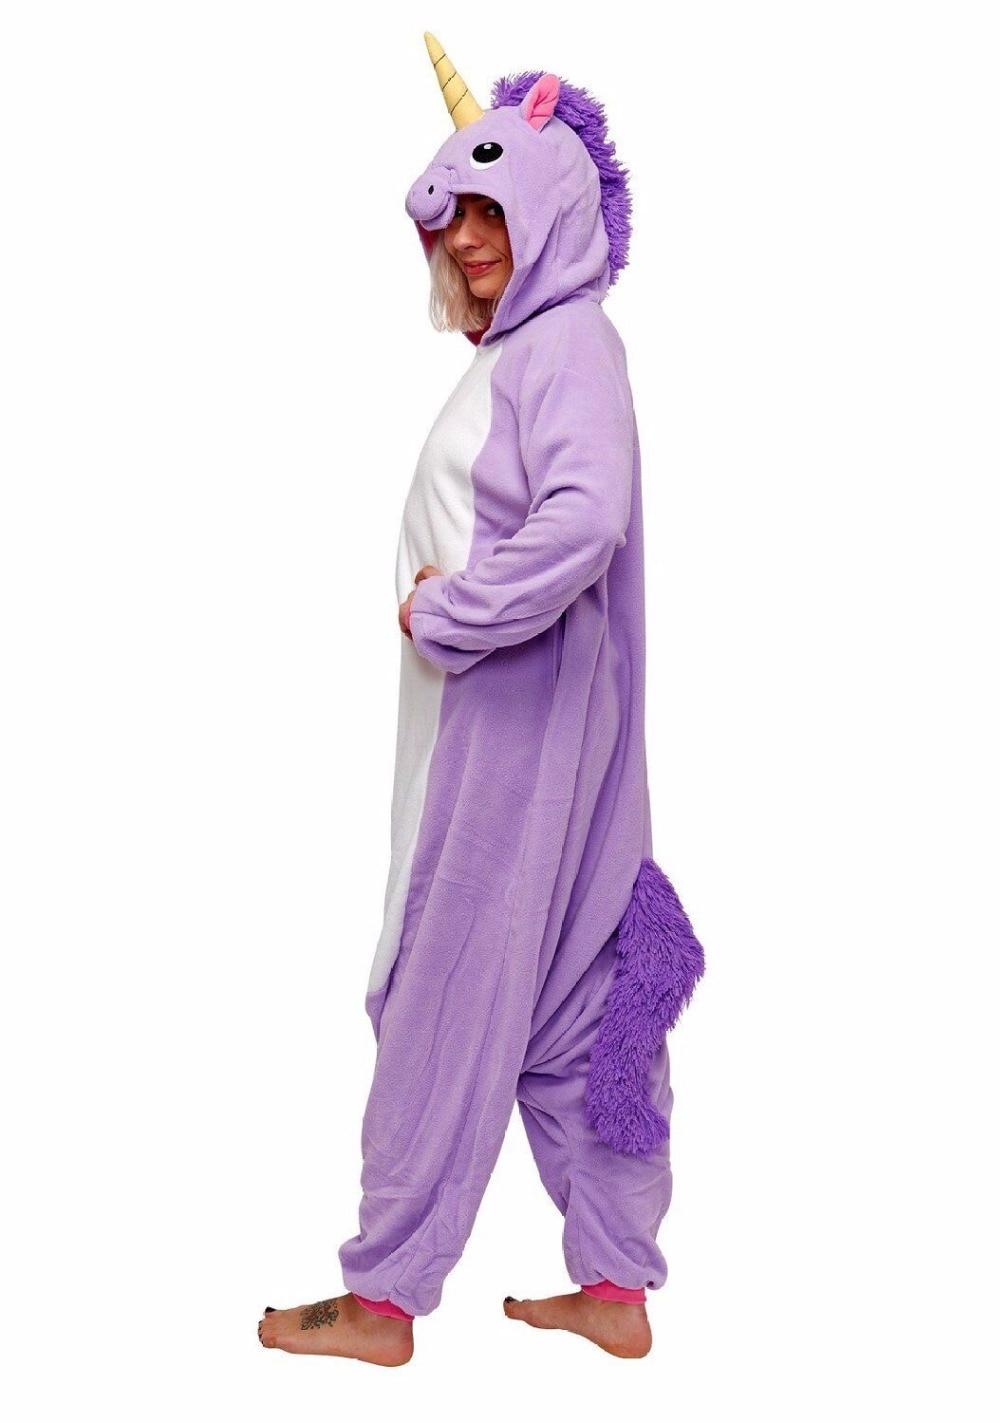 4166f1b2a6 Mameluco de la historieta My Little Pony unicornio púrpura monos disfraces  adultos Onesie pijamas fiesta navidad de Halloween en Ropa de Novedad y de  uso ...